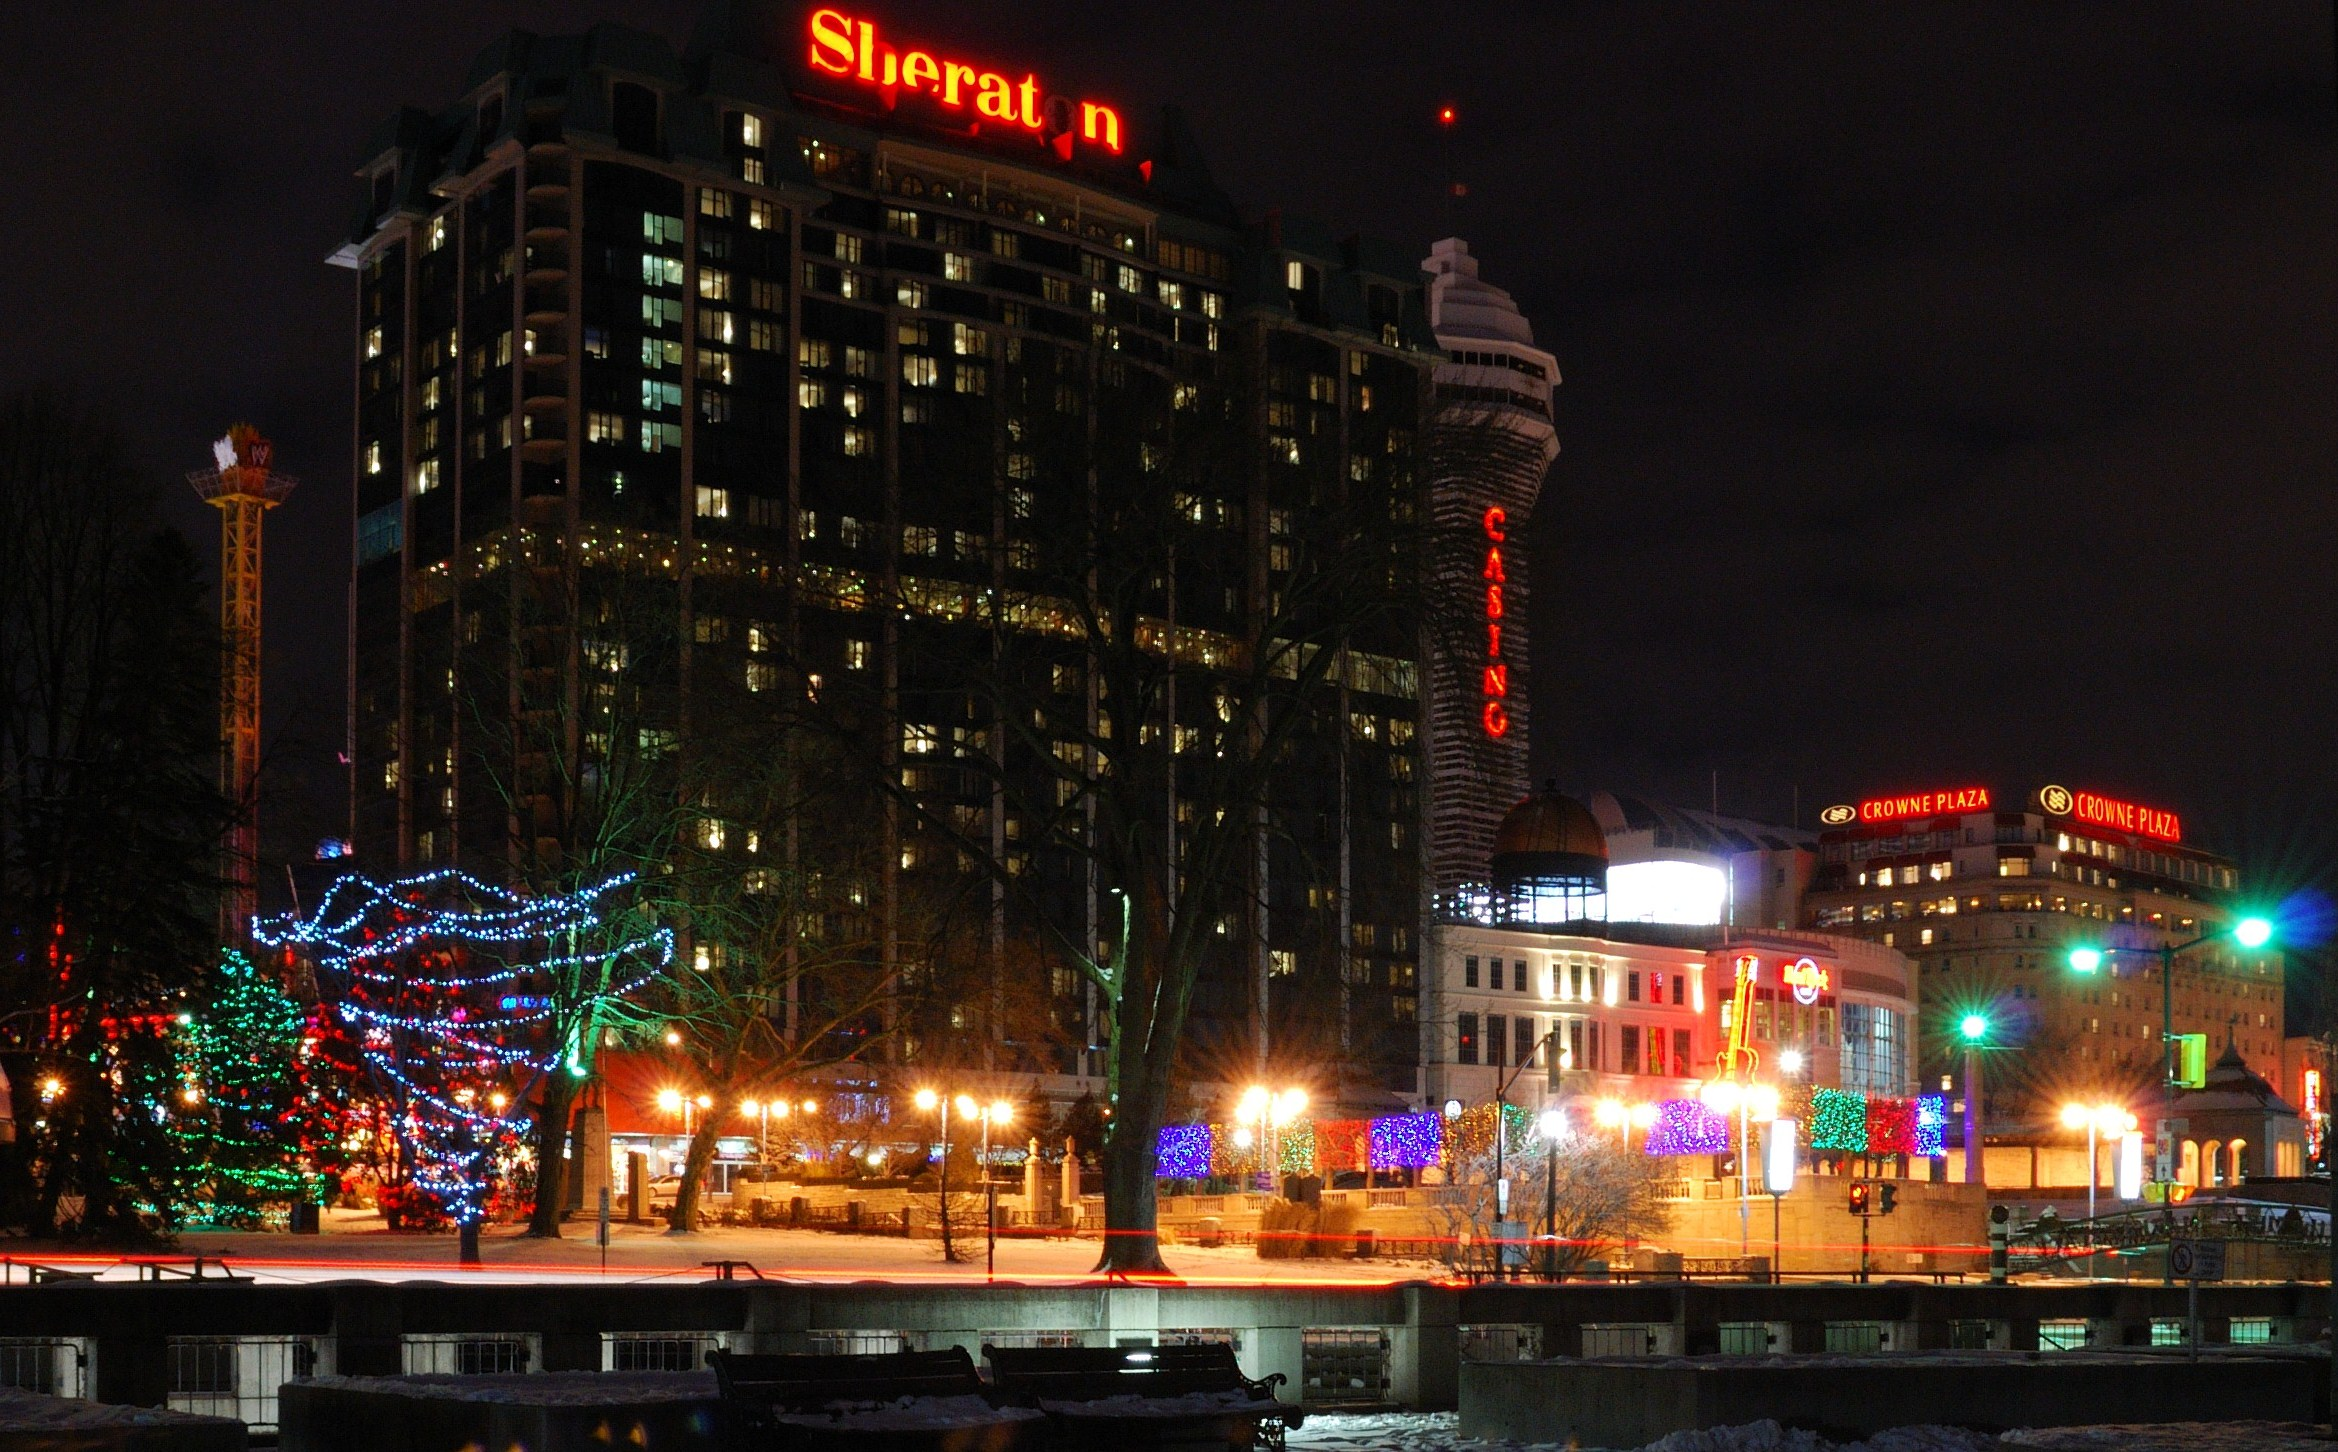 Sheraton Hotel Niagara Falls Usa